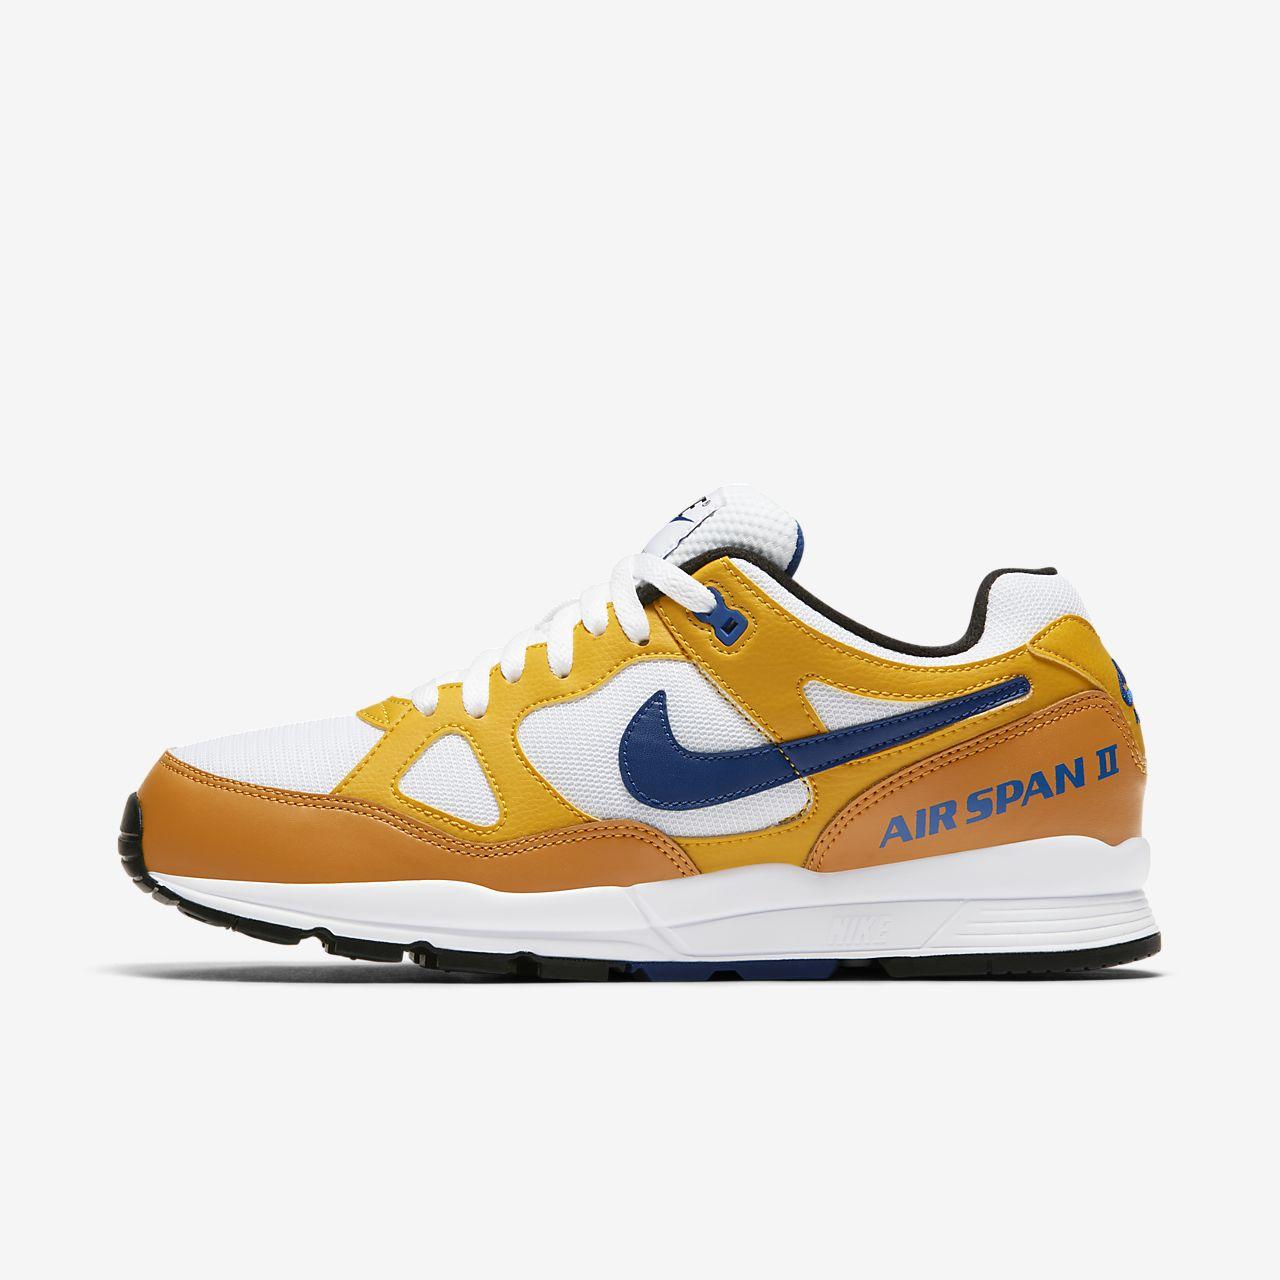 Pánská bota Nike Air Span II